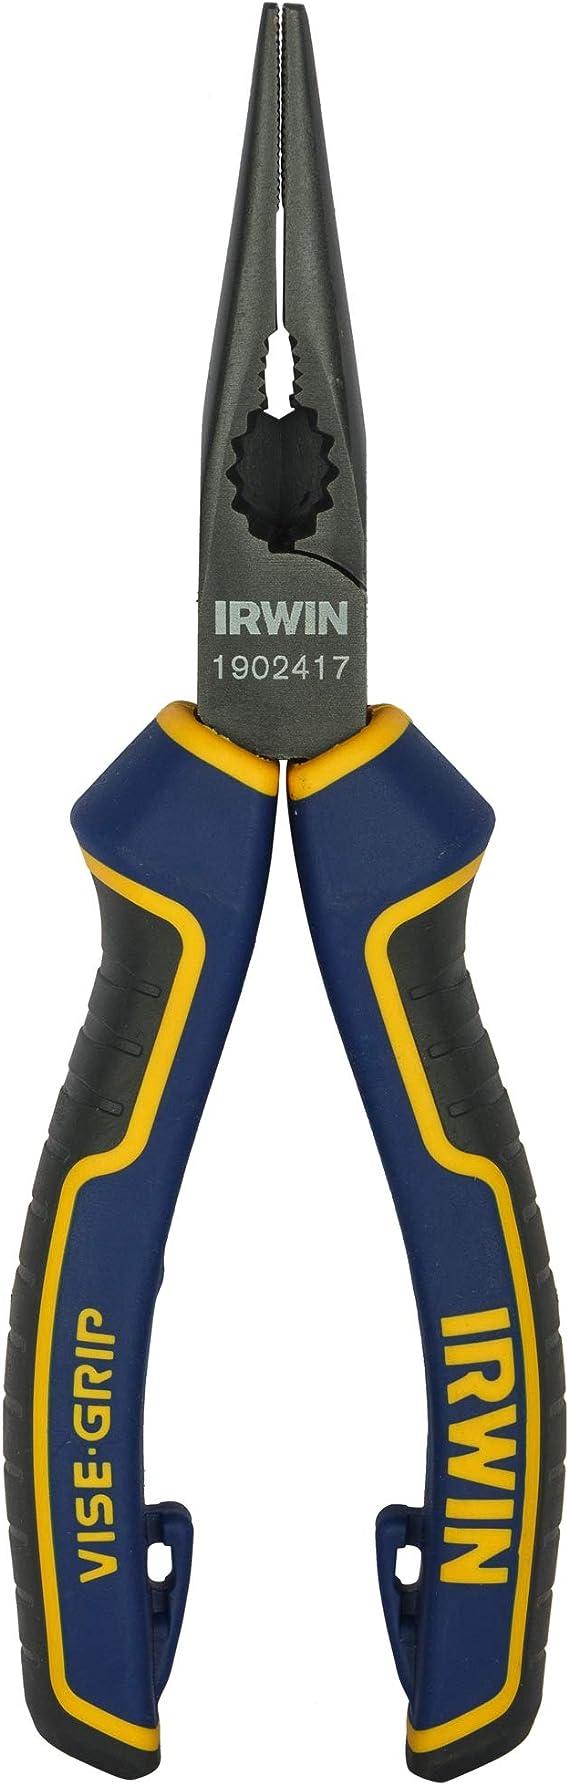 Irwin 7210200 Presse d/établi 175mm